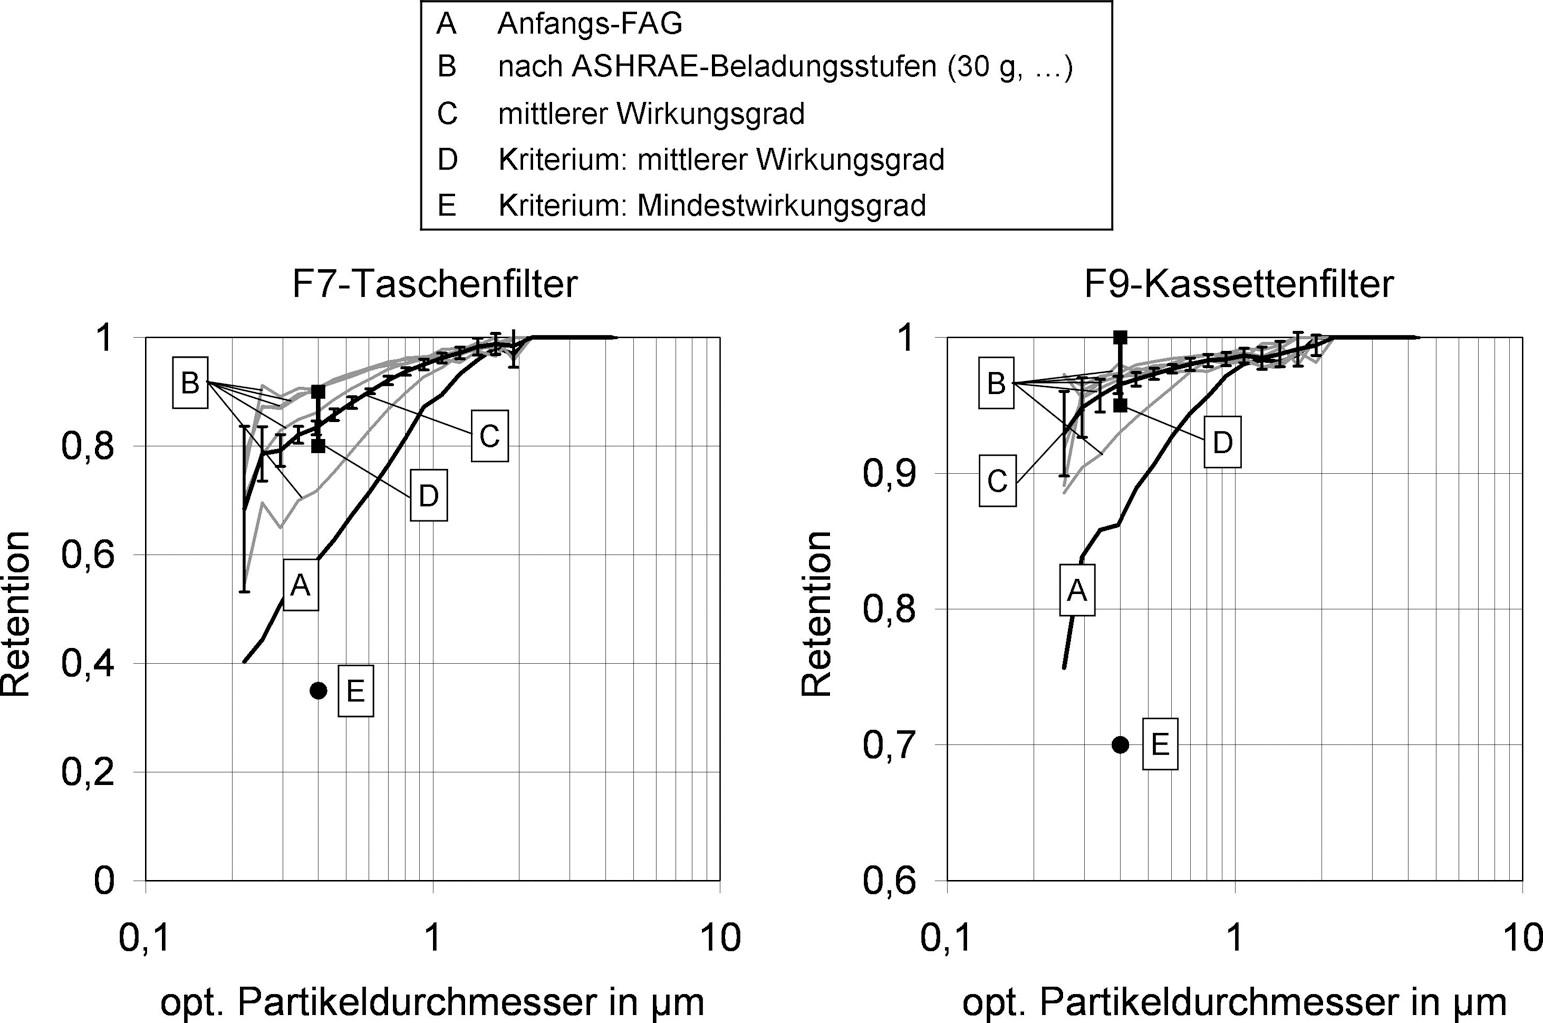 Bild 1. Klassifizierungskriterien: mittlerer Wirkungsgrad und Mindestwirkungsgrad; FAG = Fraktionsabscheidegrad. Quelle: IUTA/Uni Duisburg/Essen